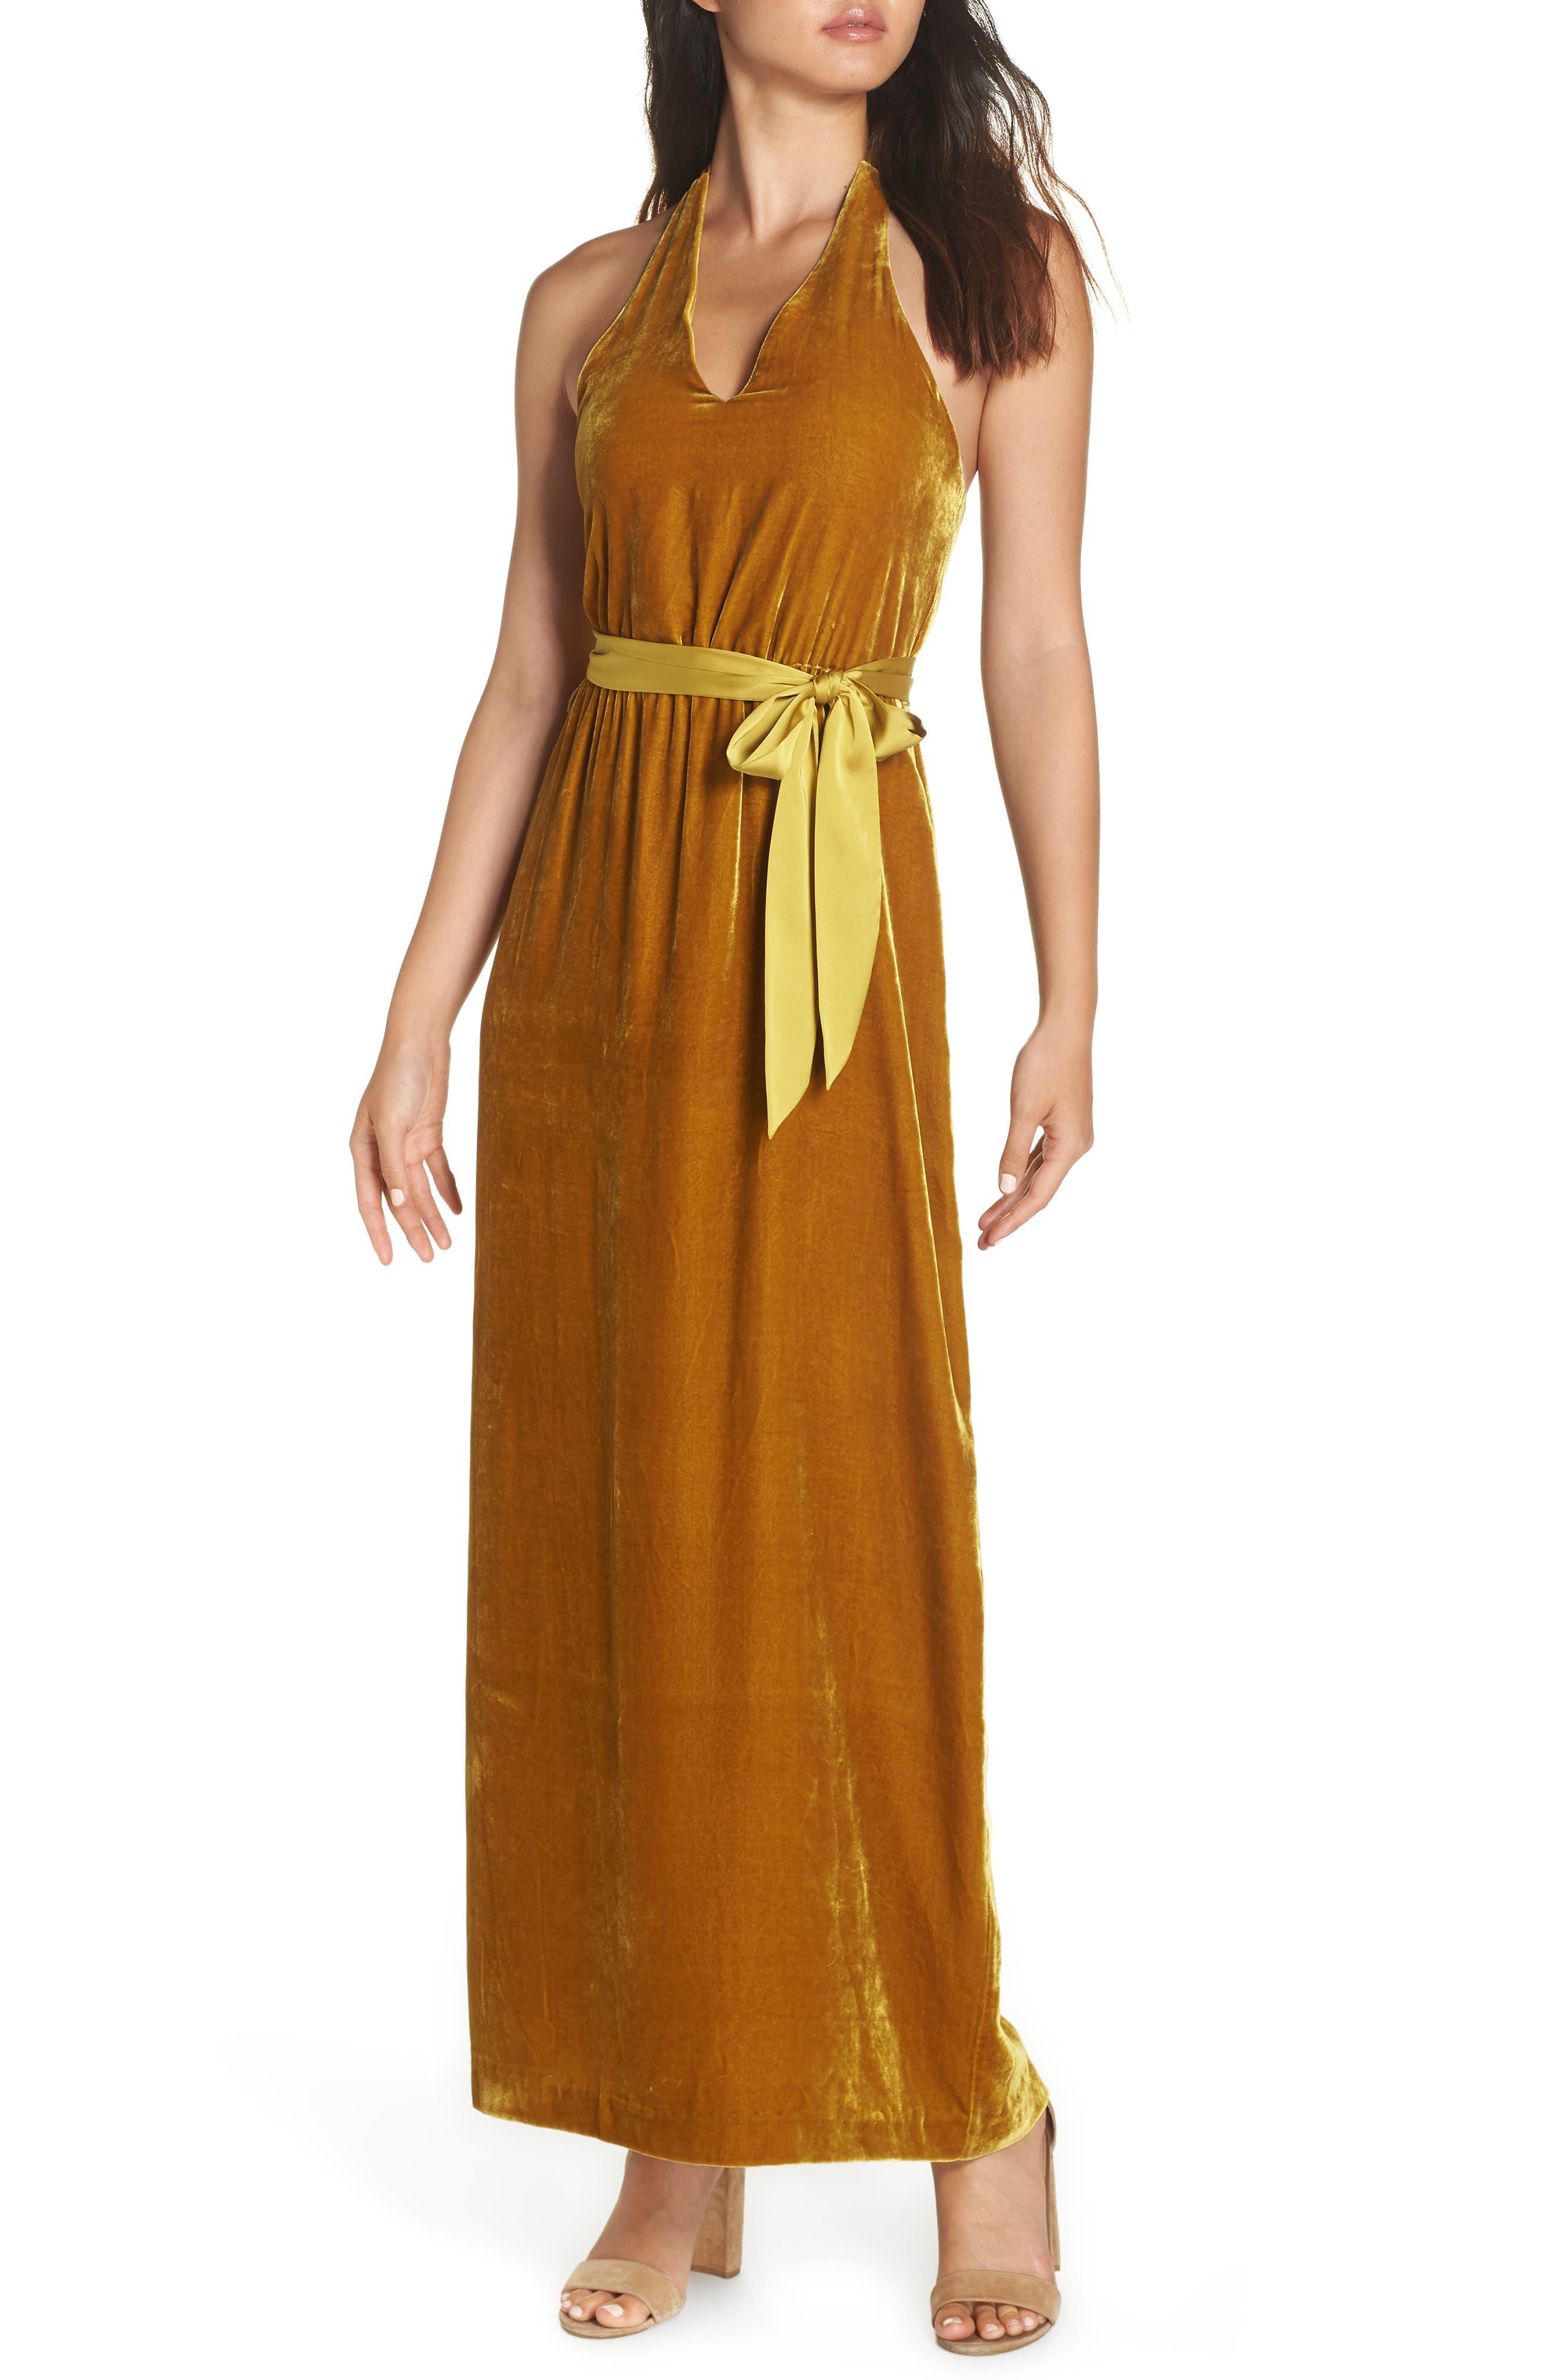 70s Dresses – Disco Dresses, Hippie Dresses, Wrap Dresses Womens Avec Les Filles Velvet Halter Maxi Dress Size 8 - Yellow $138.00 AT vintagedancer.com